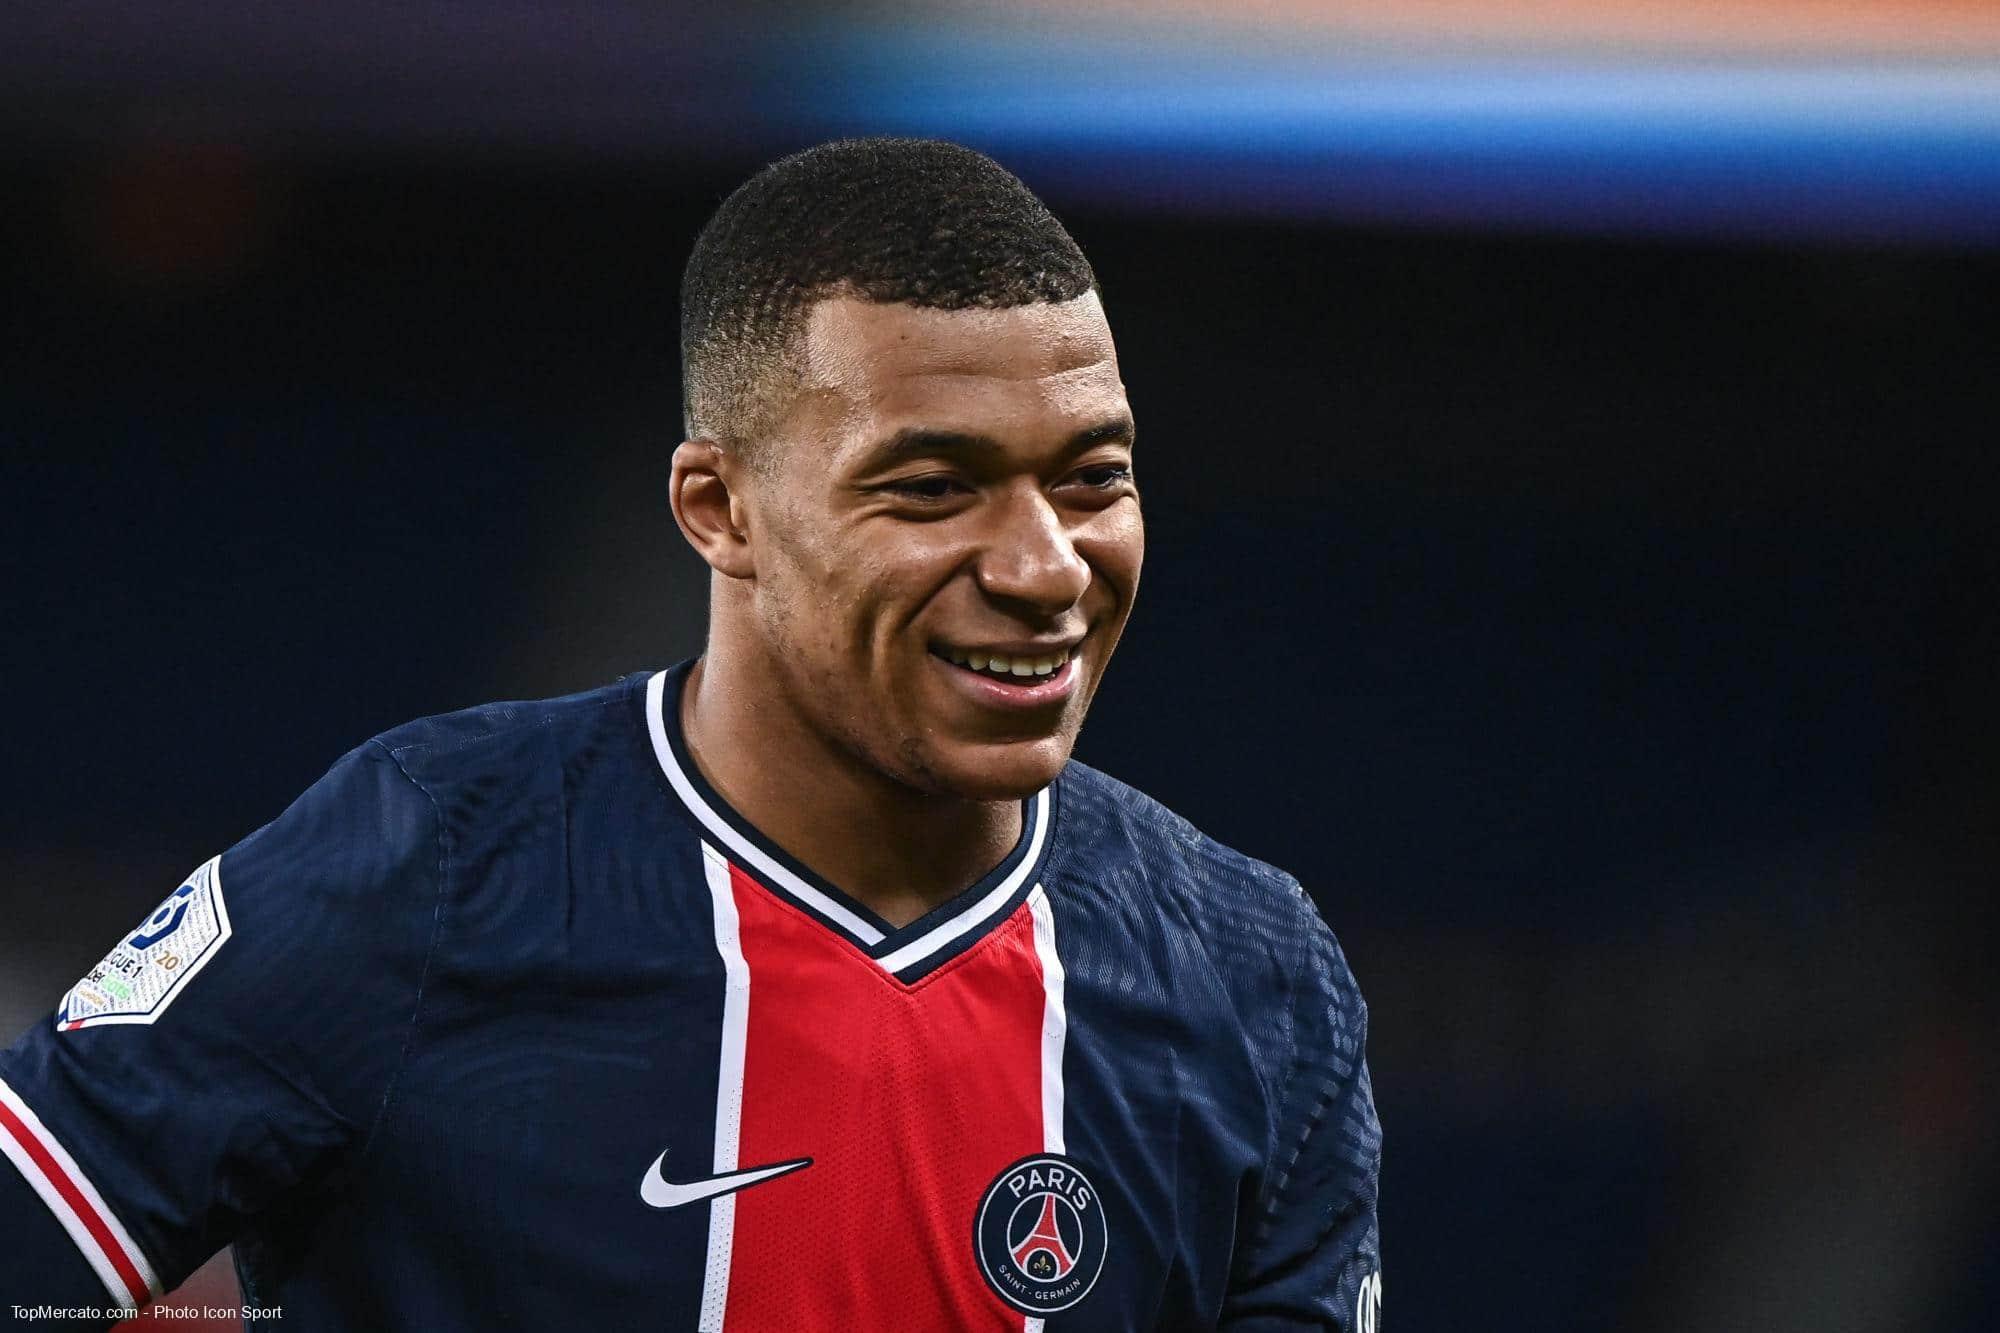 Kylian Mbappé, Paris Saint-Germain